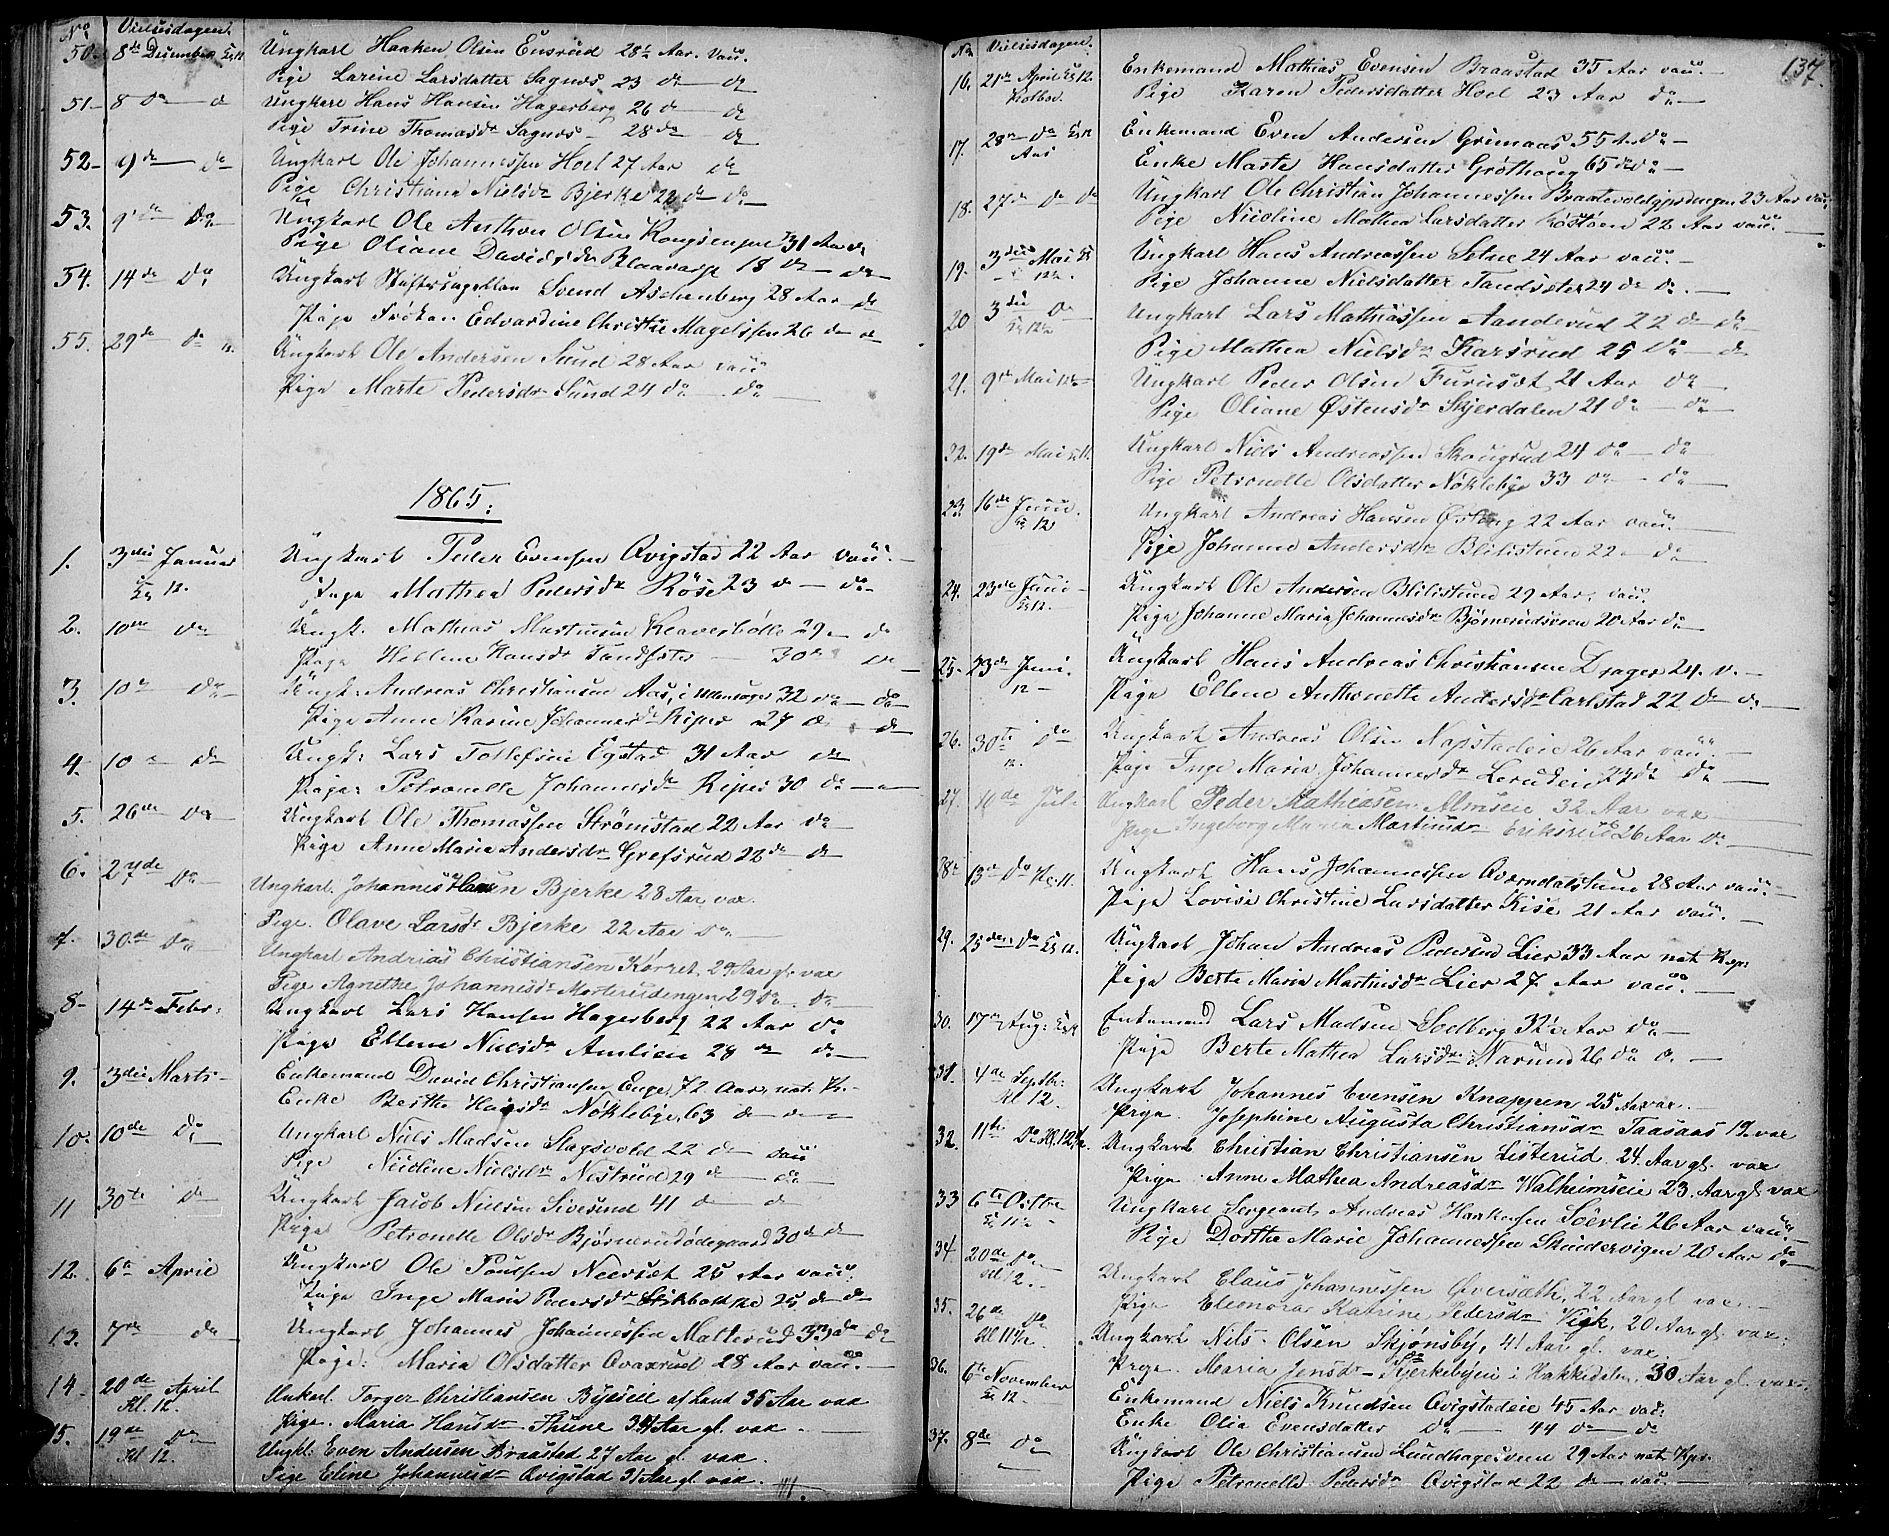 SAH, Vestre Toten prestekontor, H/Ha/Hab/L0005: Klokkerbok nr. 5, 1854-1870, s. 137